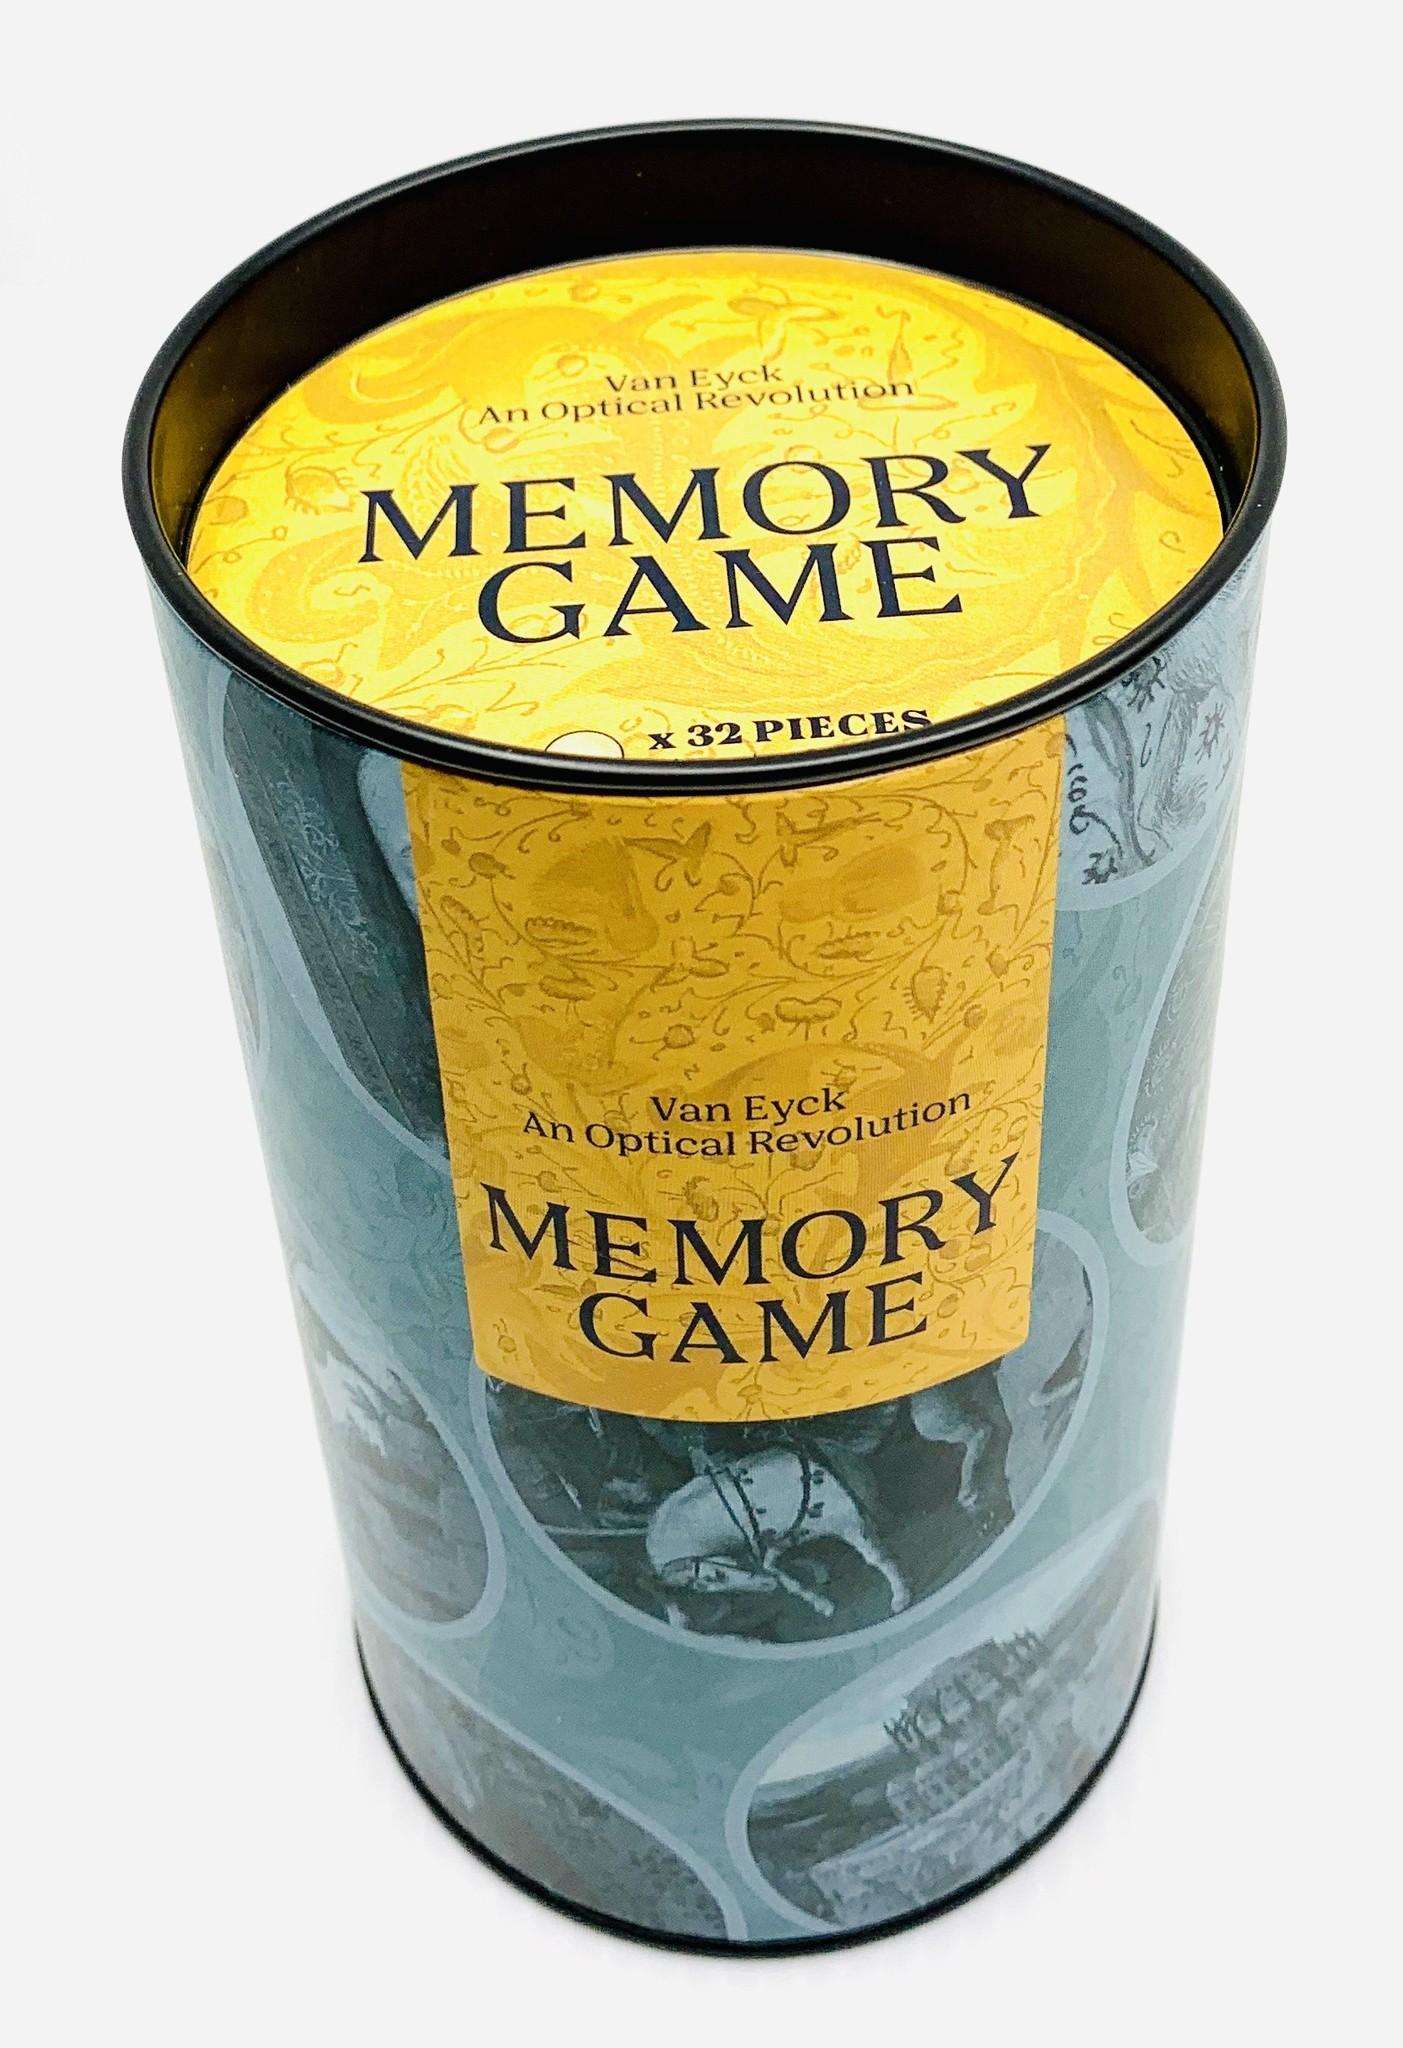 MSK Memory game - MSK